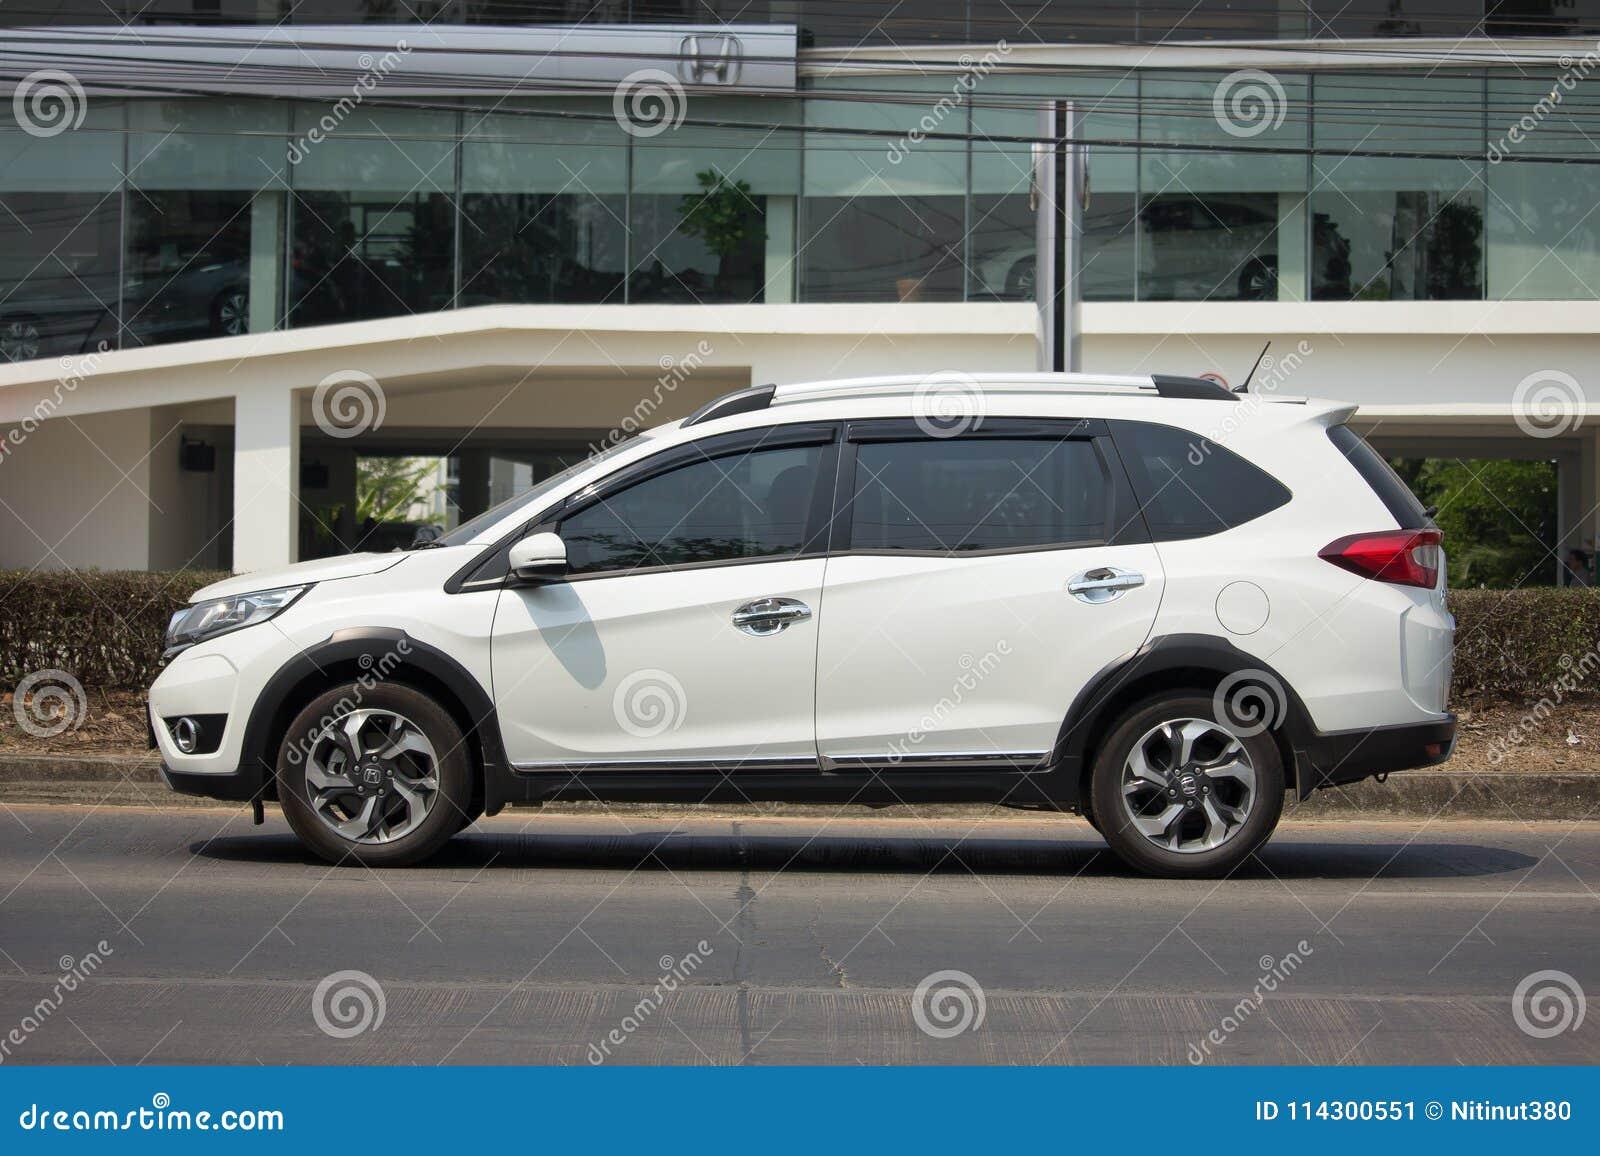 Private Honda Mobilio Van Editorial Photo Image Of Auto 114300551